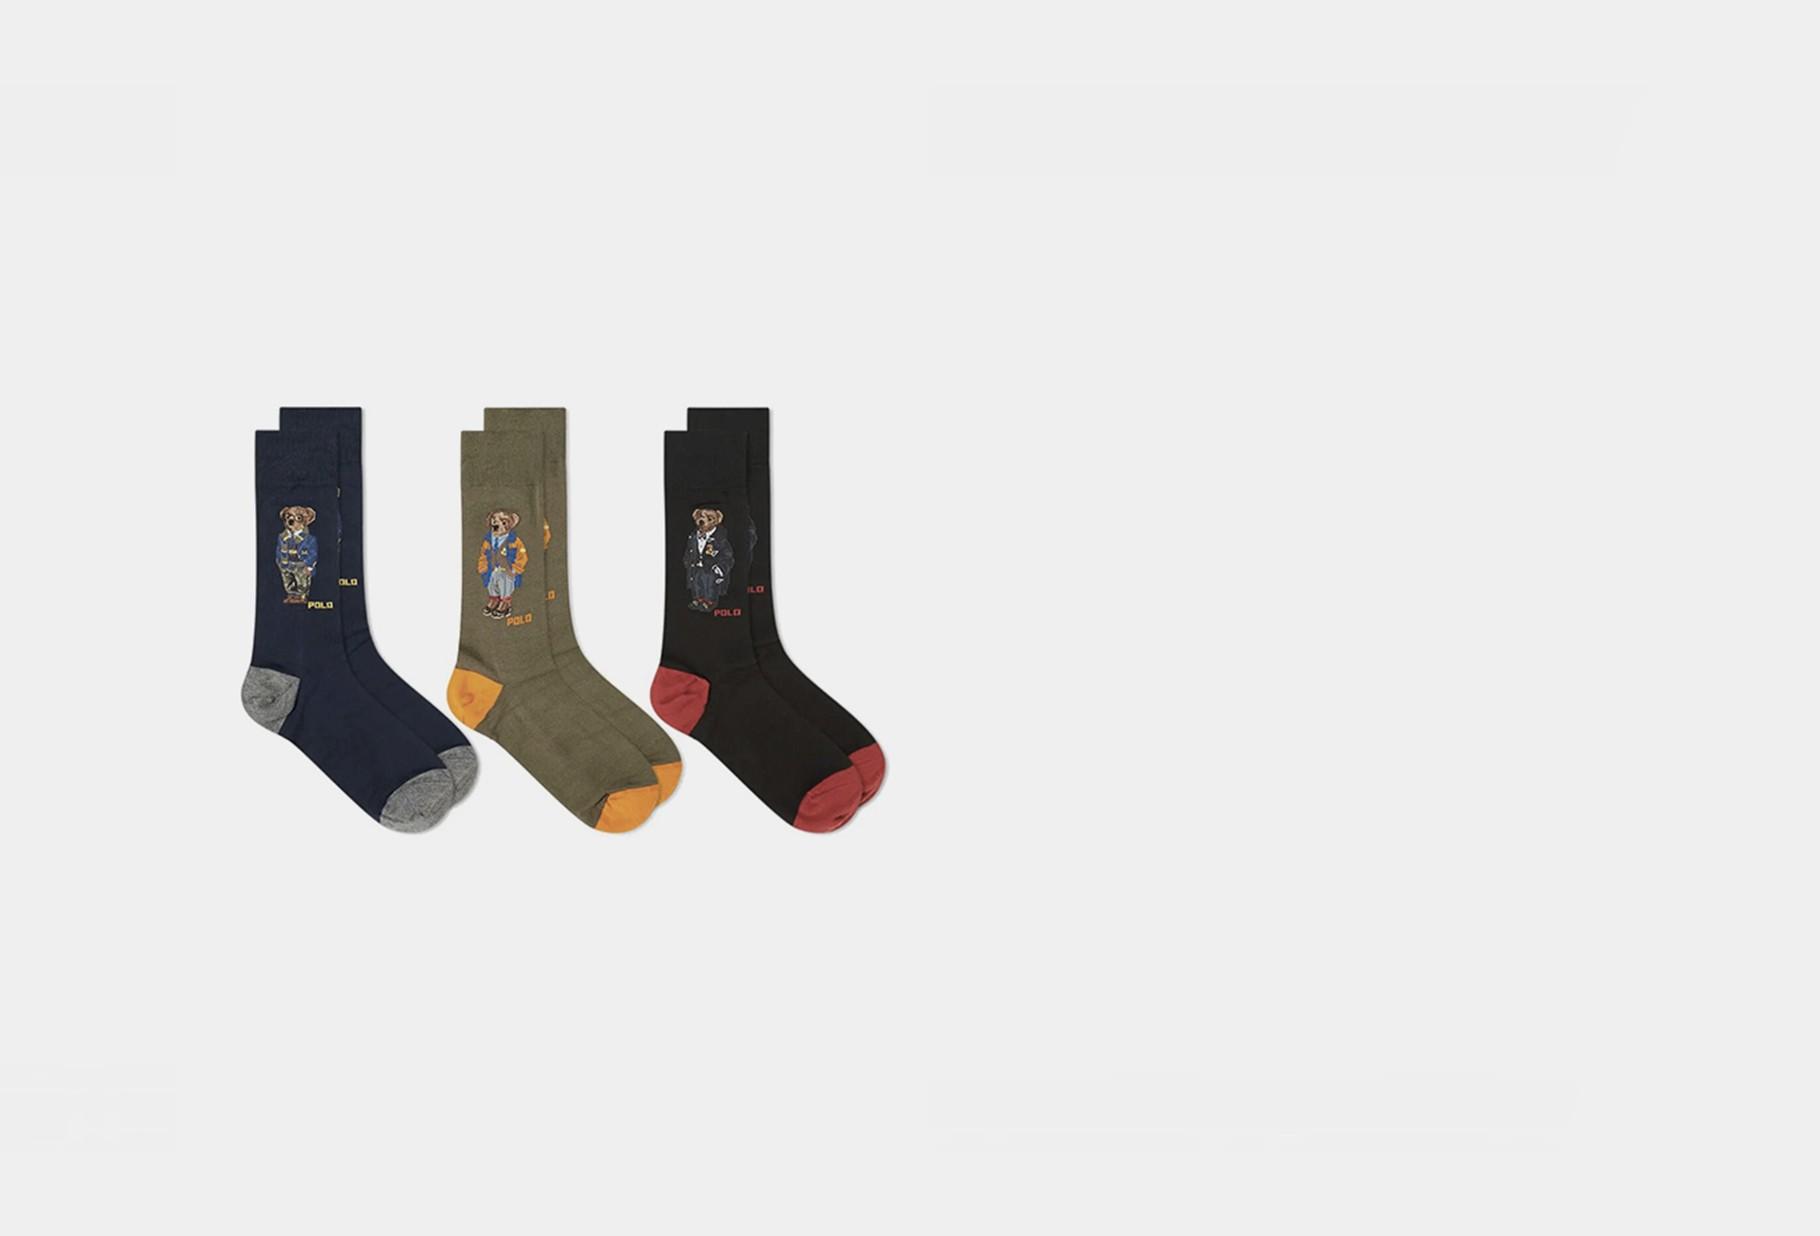 POLO RALPH LAUREN / Gift box 3 bear socks Multi